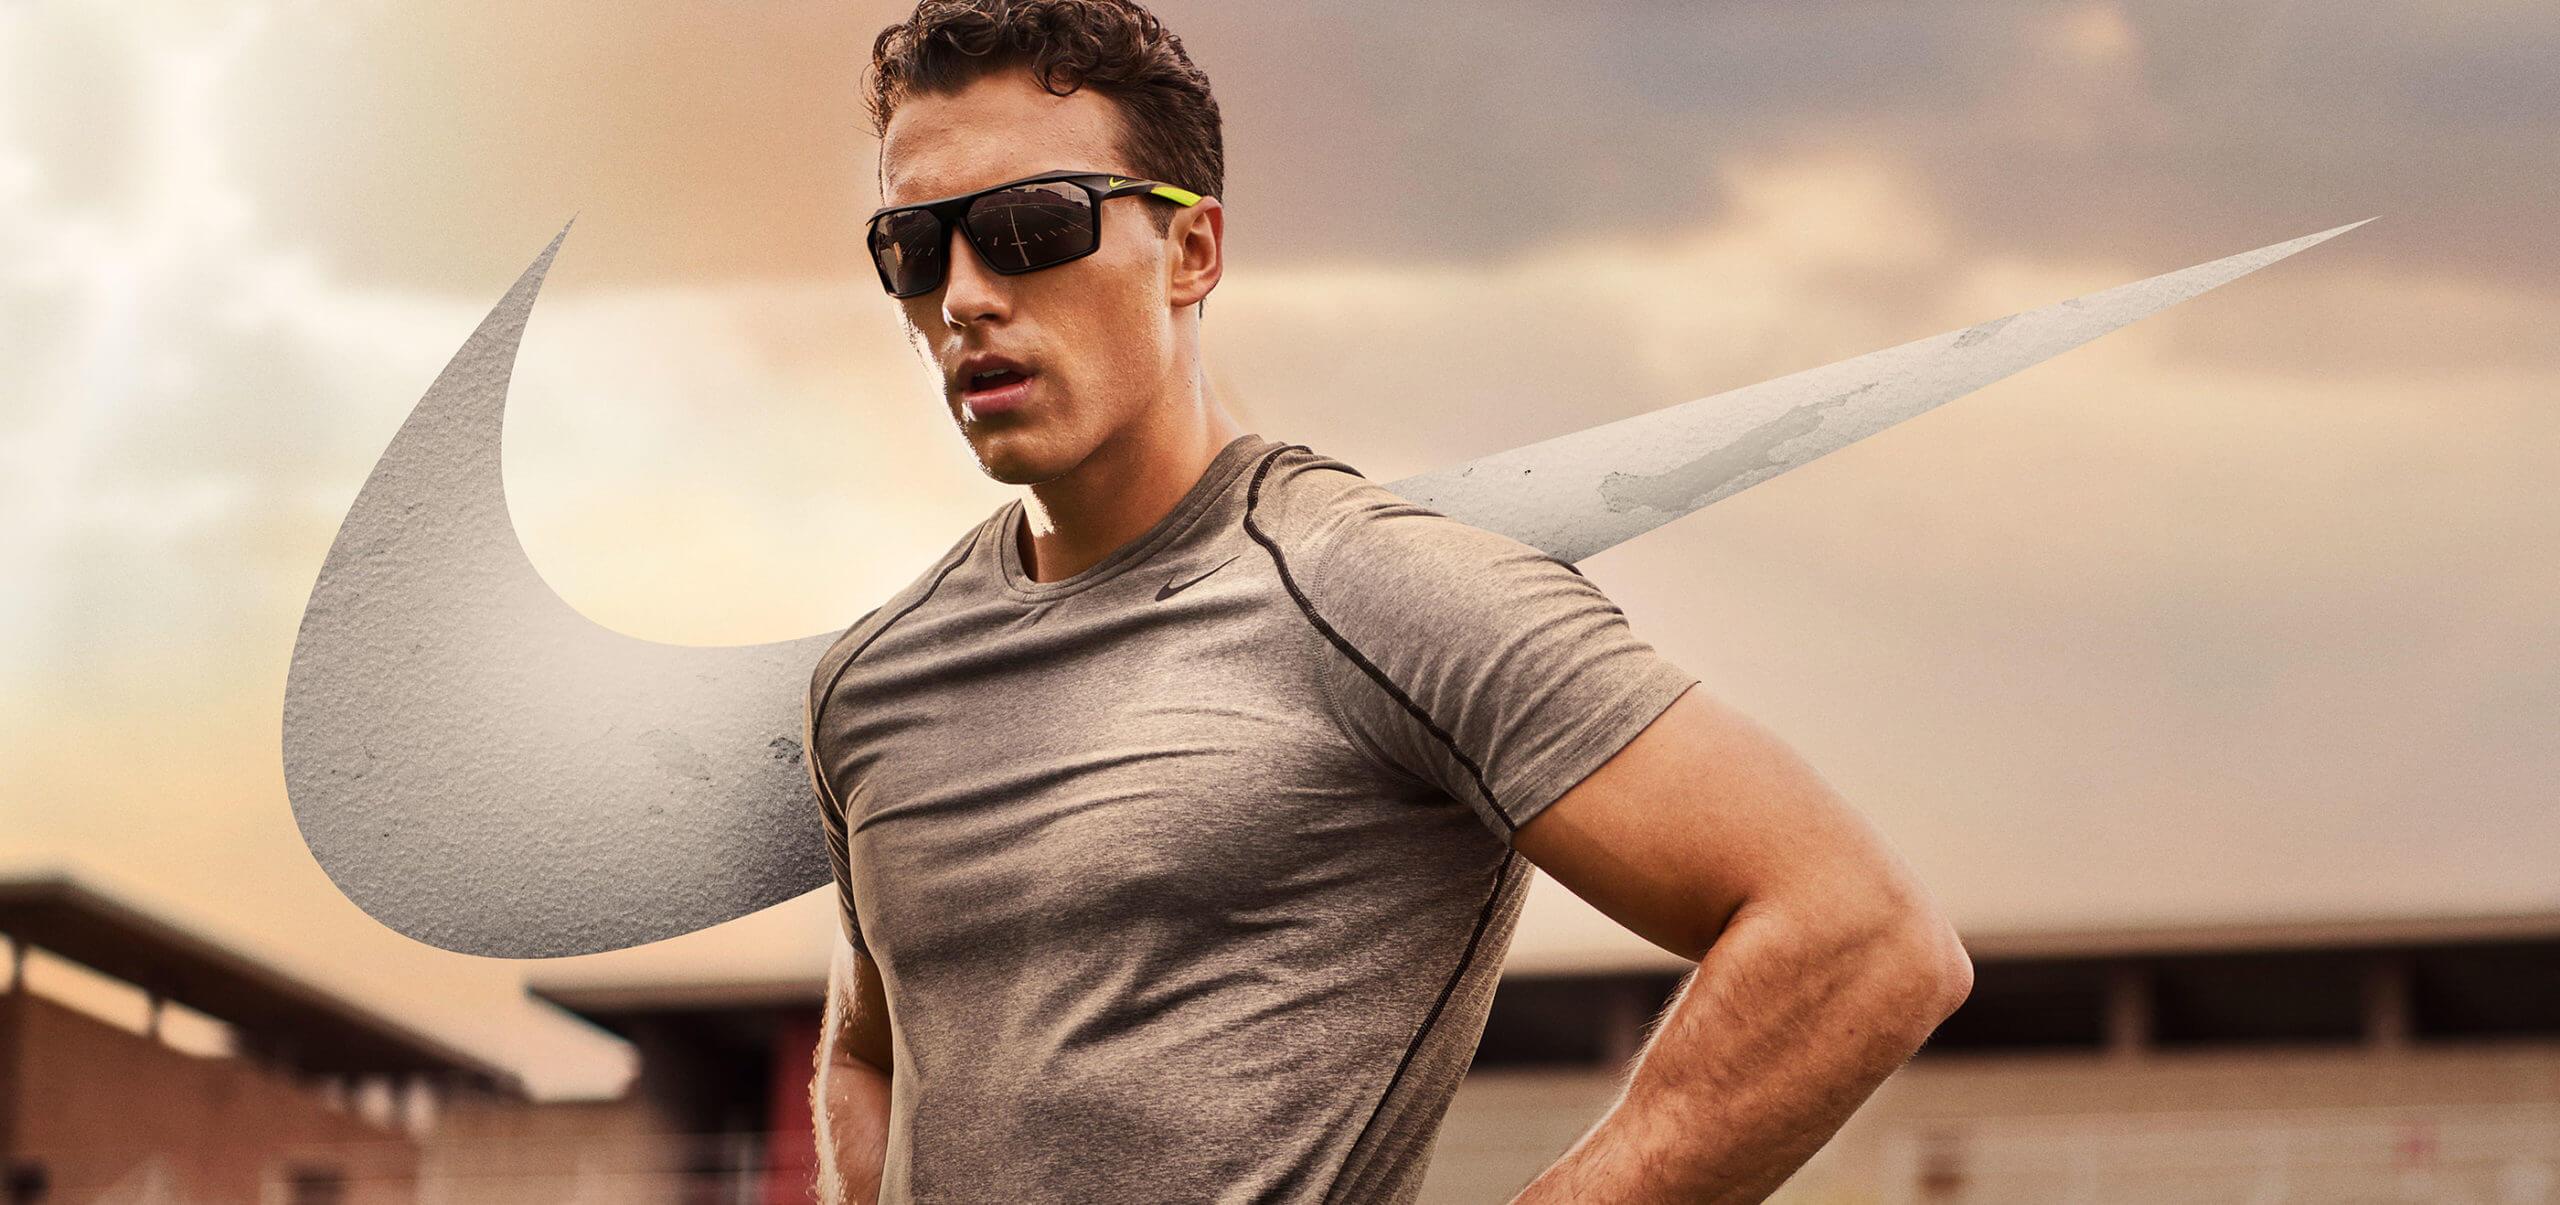 Nike Designer Sunglasses Frames